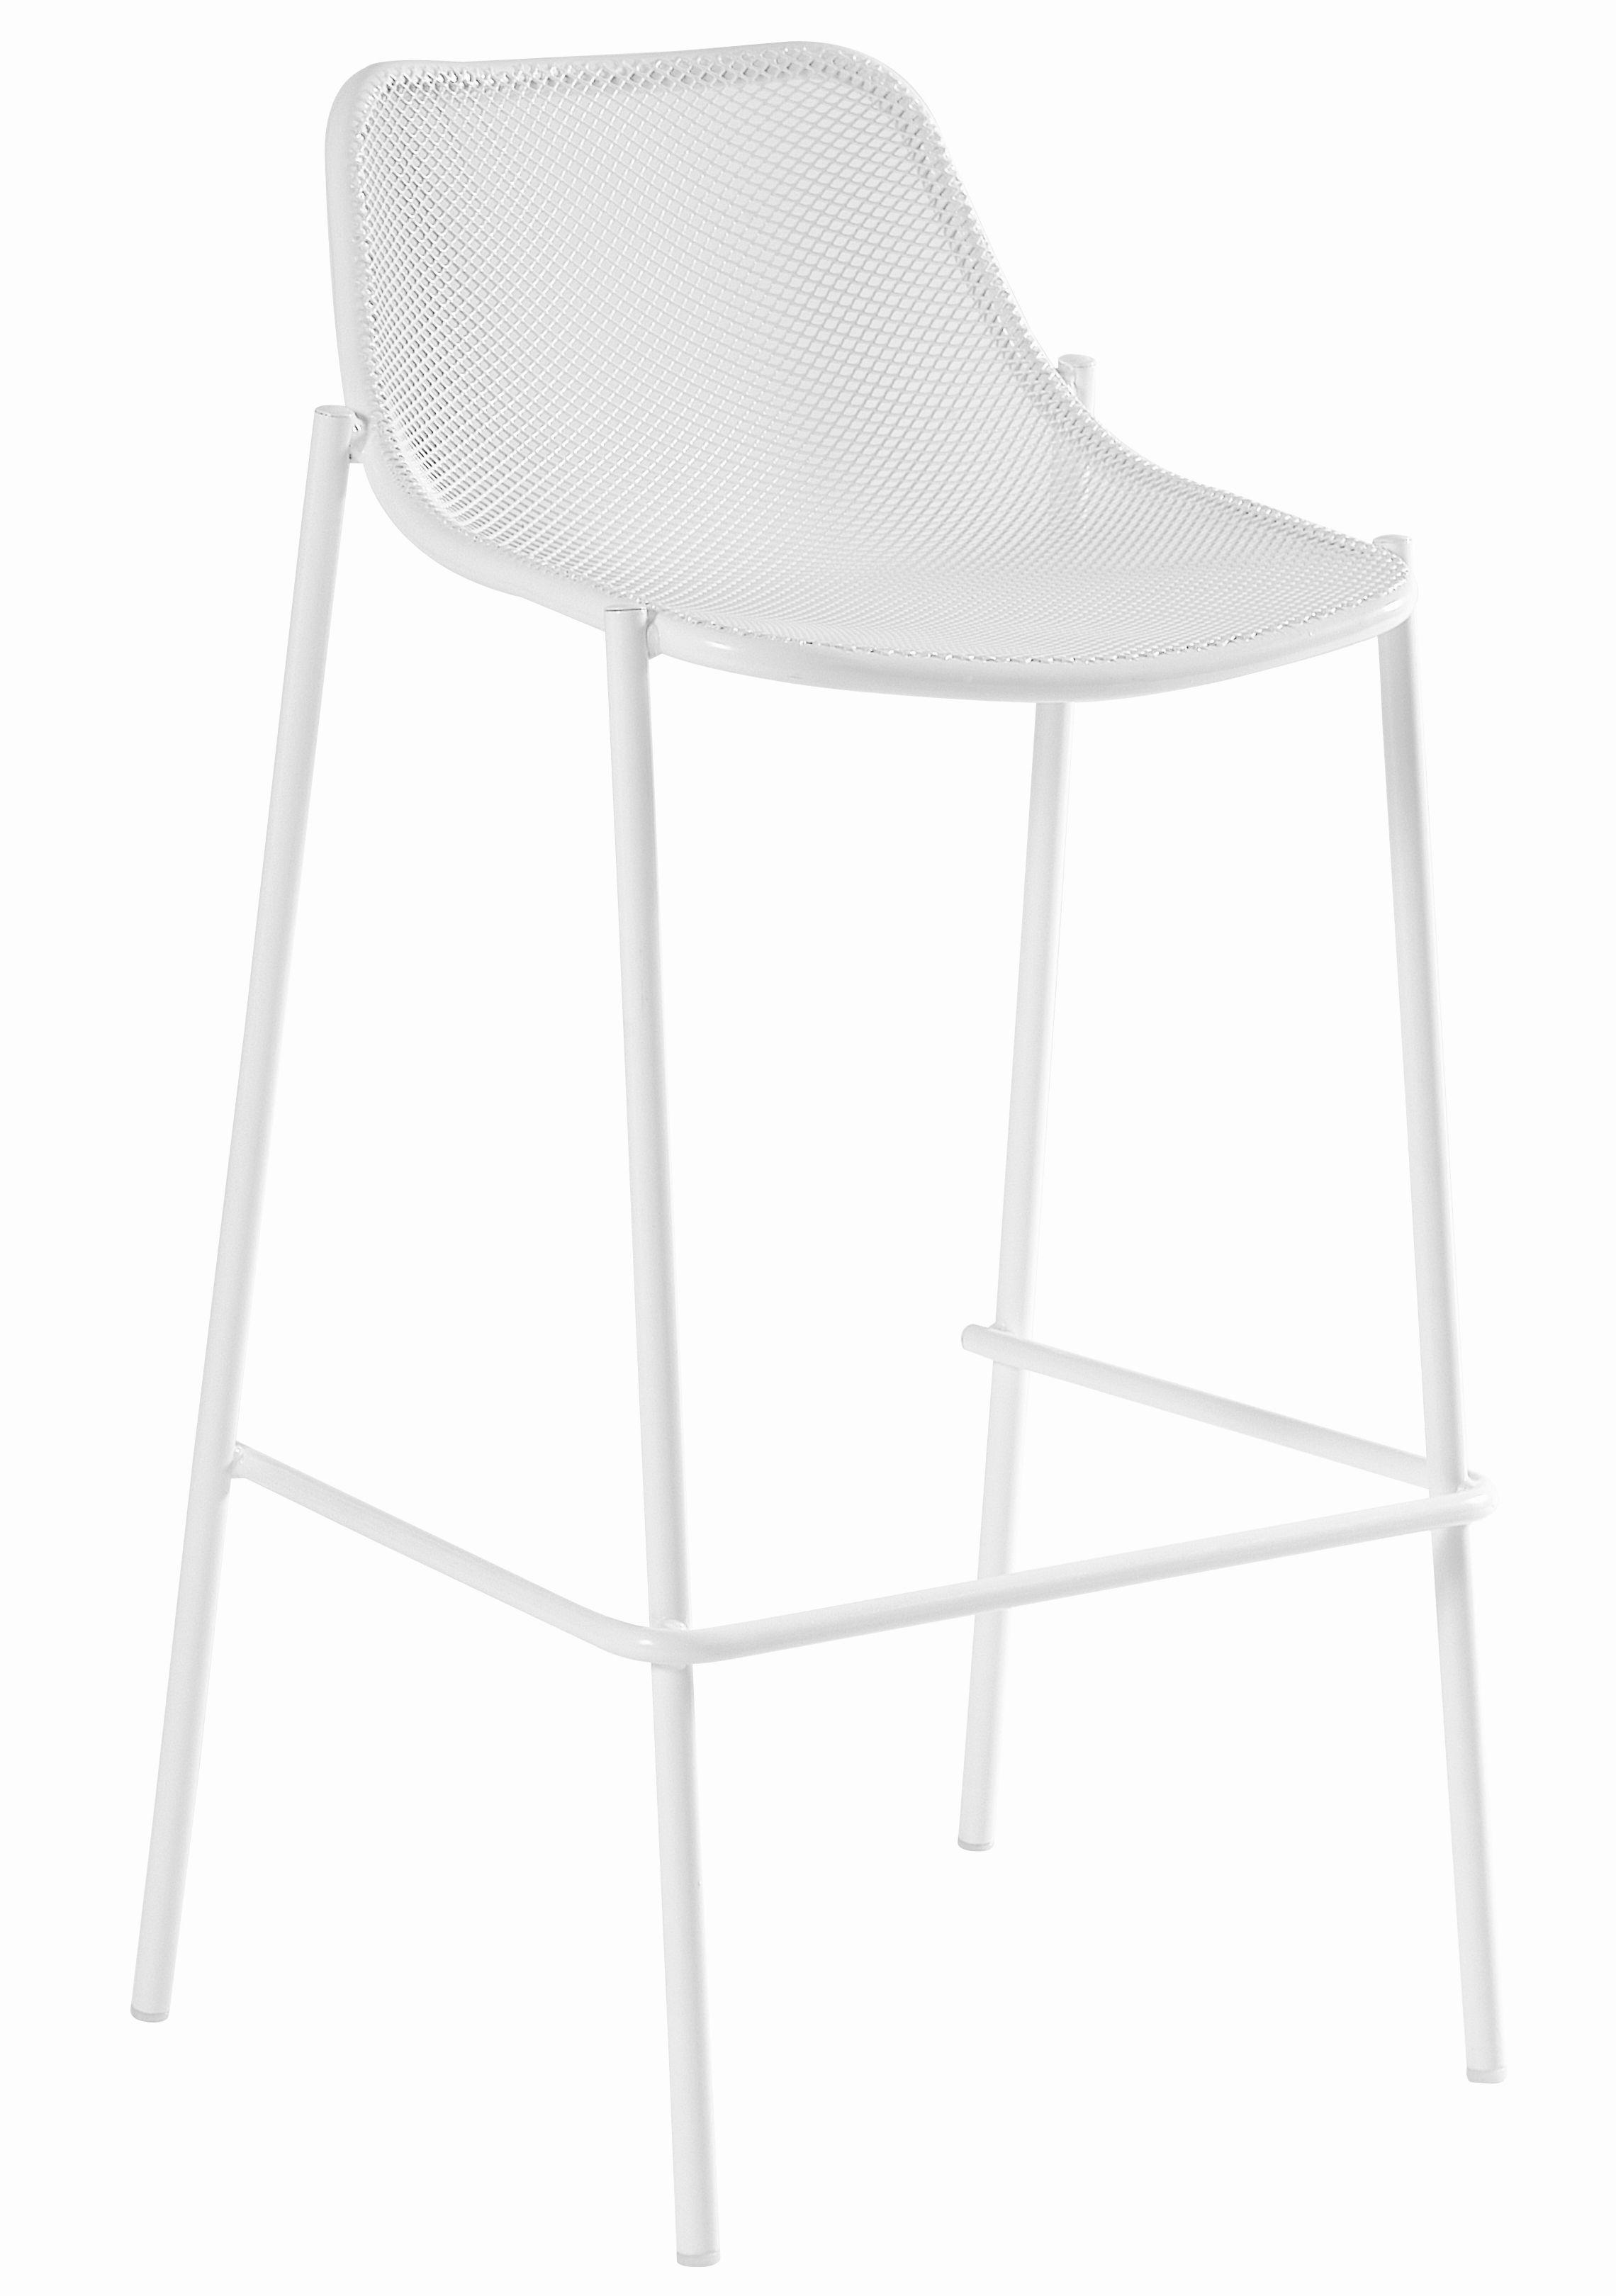 Mobilier - Tabourets de bar - Chaise de bar Round / Métal - H 78 cm - Emu - Blanc - Acier